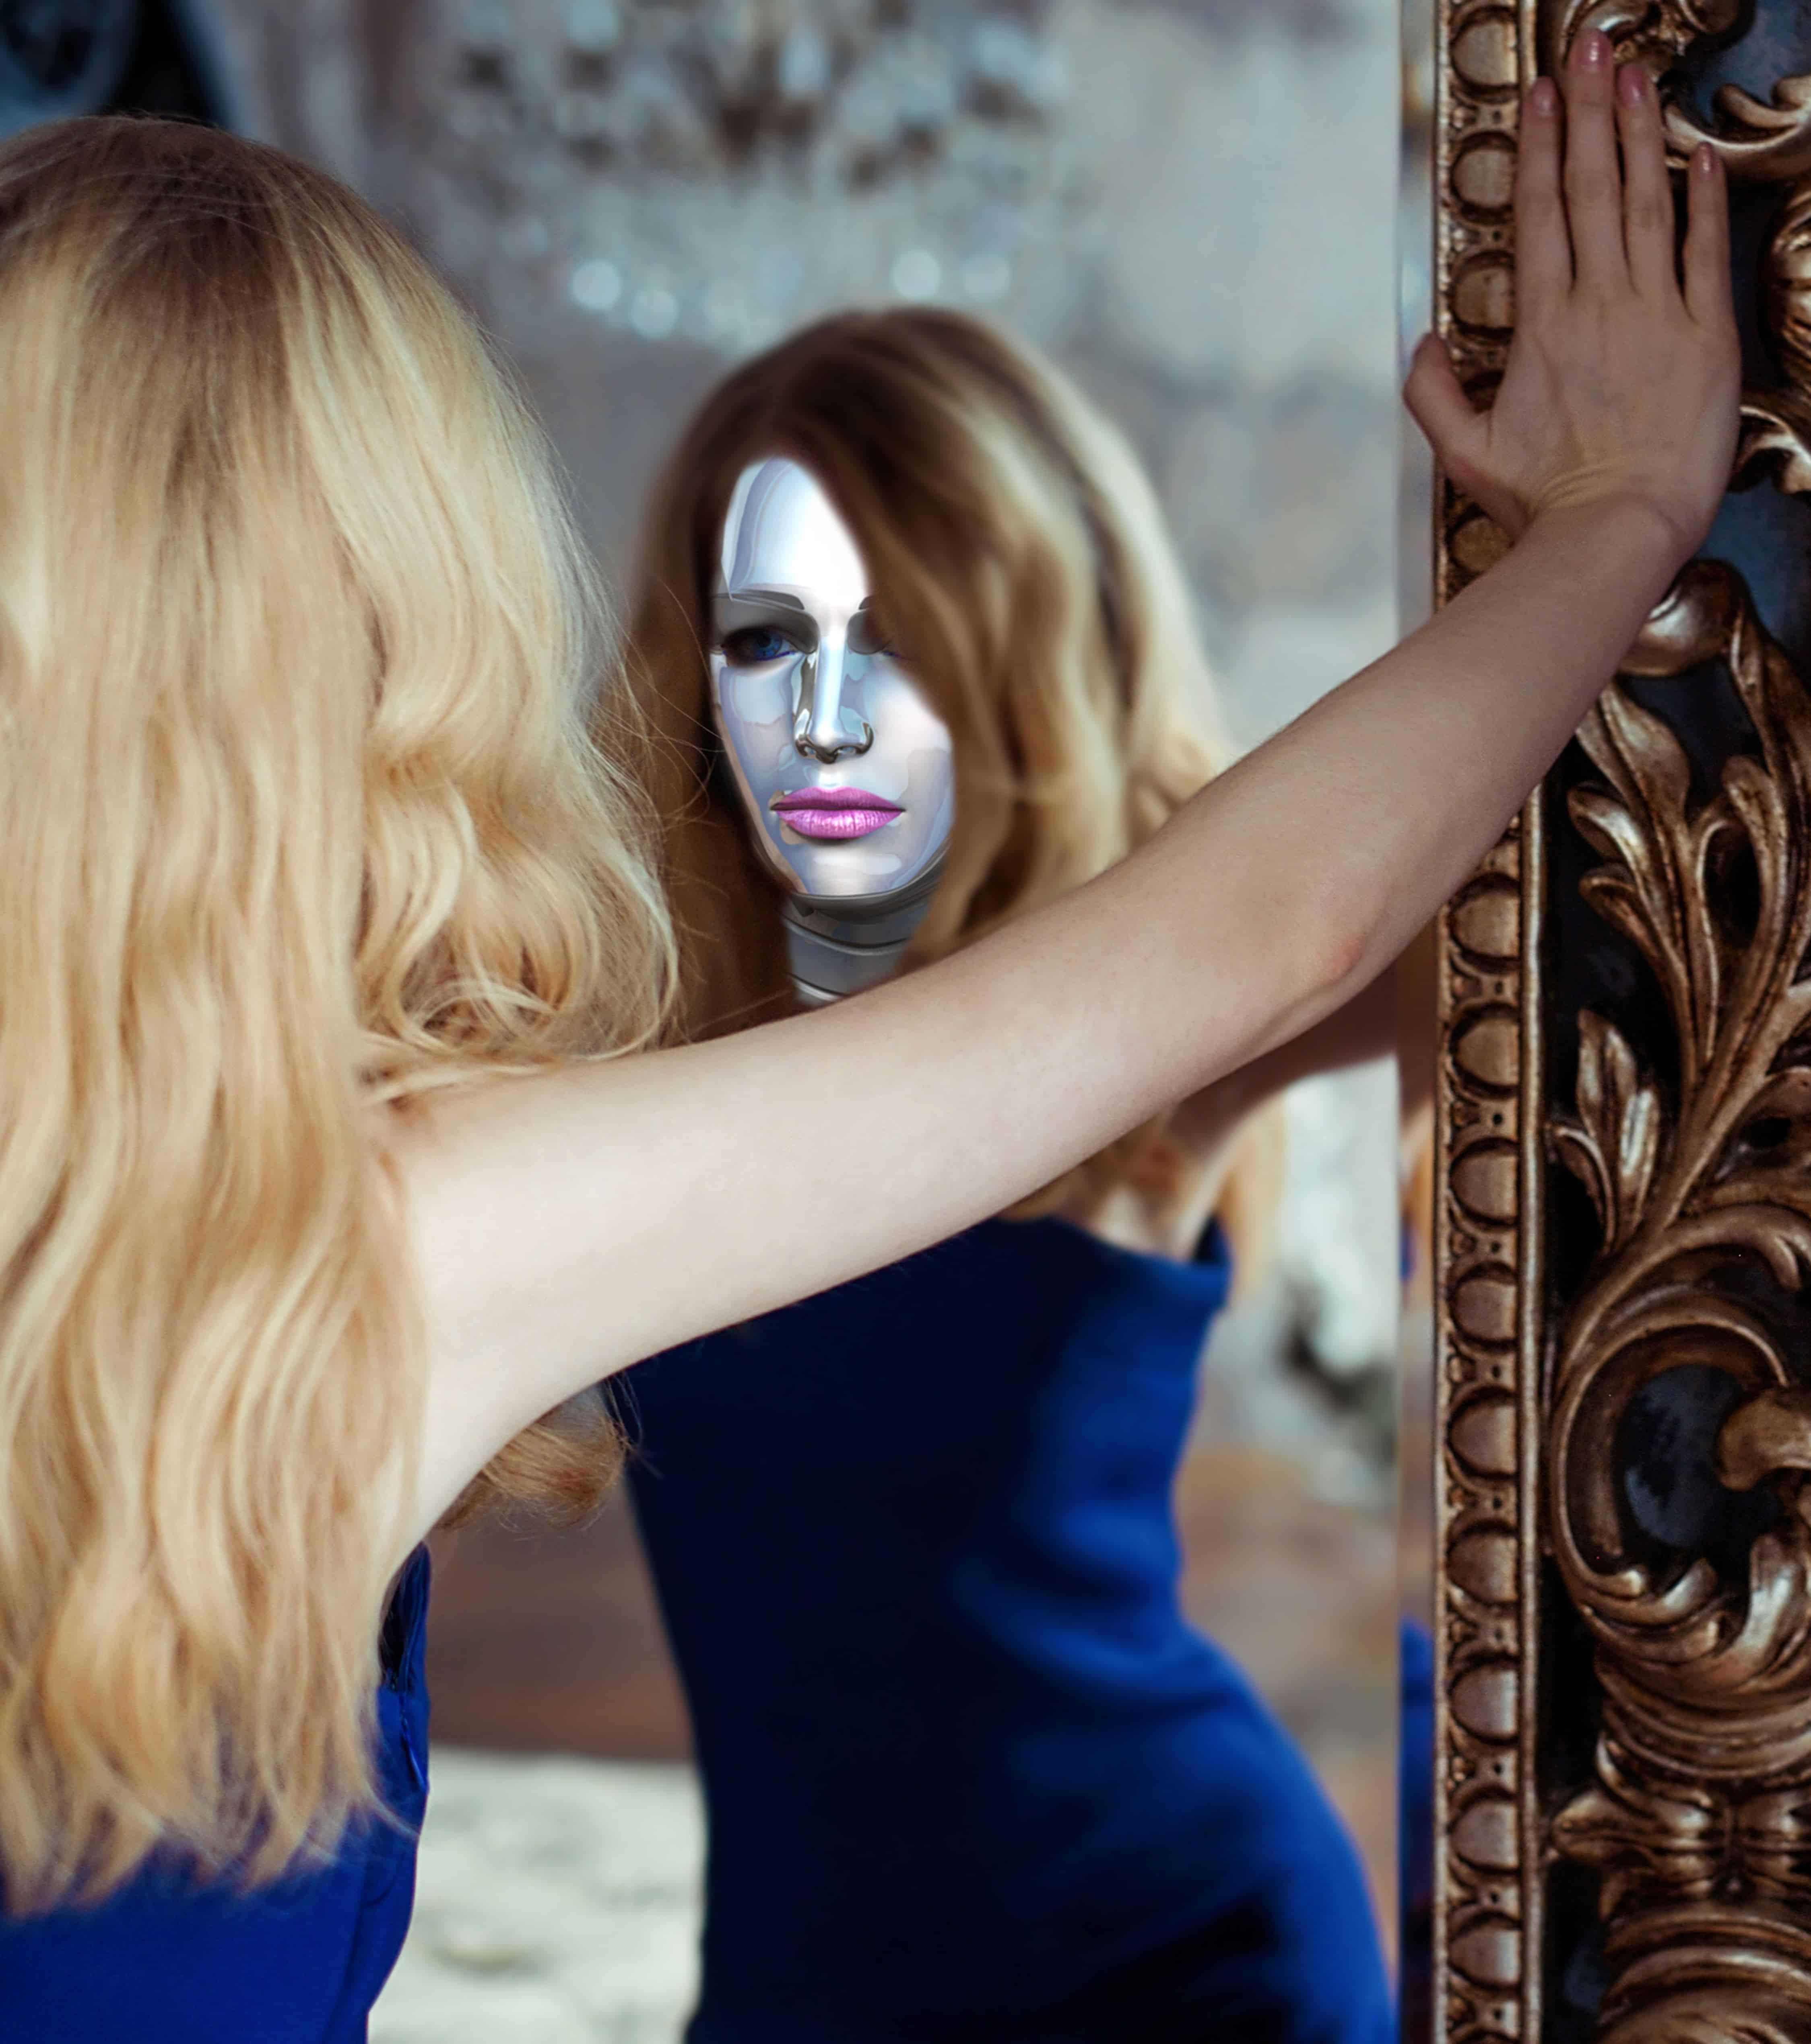 Fille Blonde Belle image libre: masque, fille, blonde, belle, femme, jeune, gens